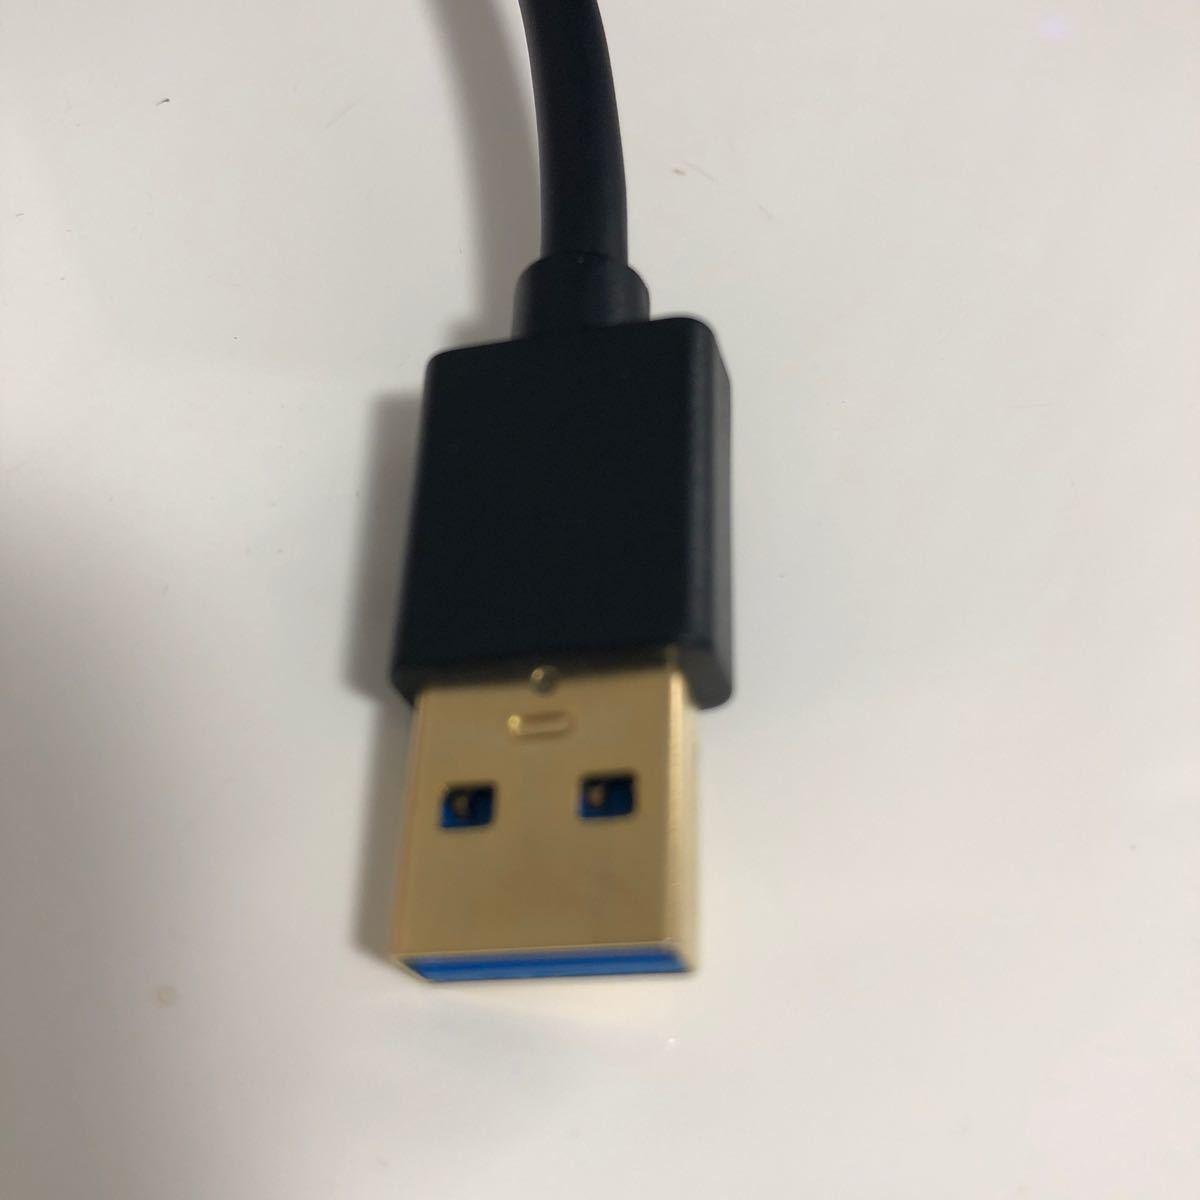 変換ケーブル USB 3.0 / Ethernet